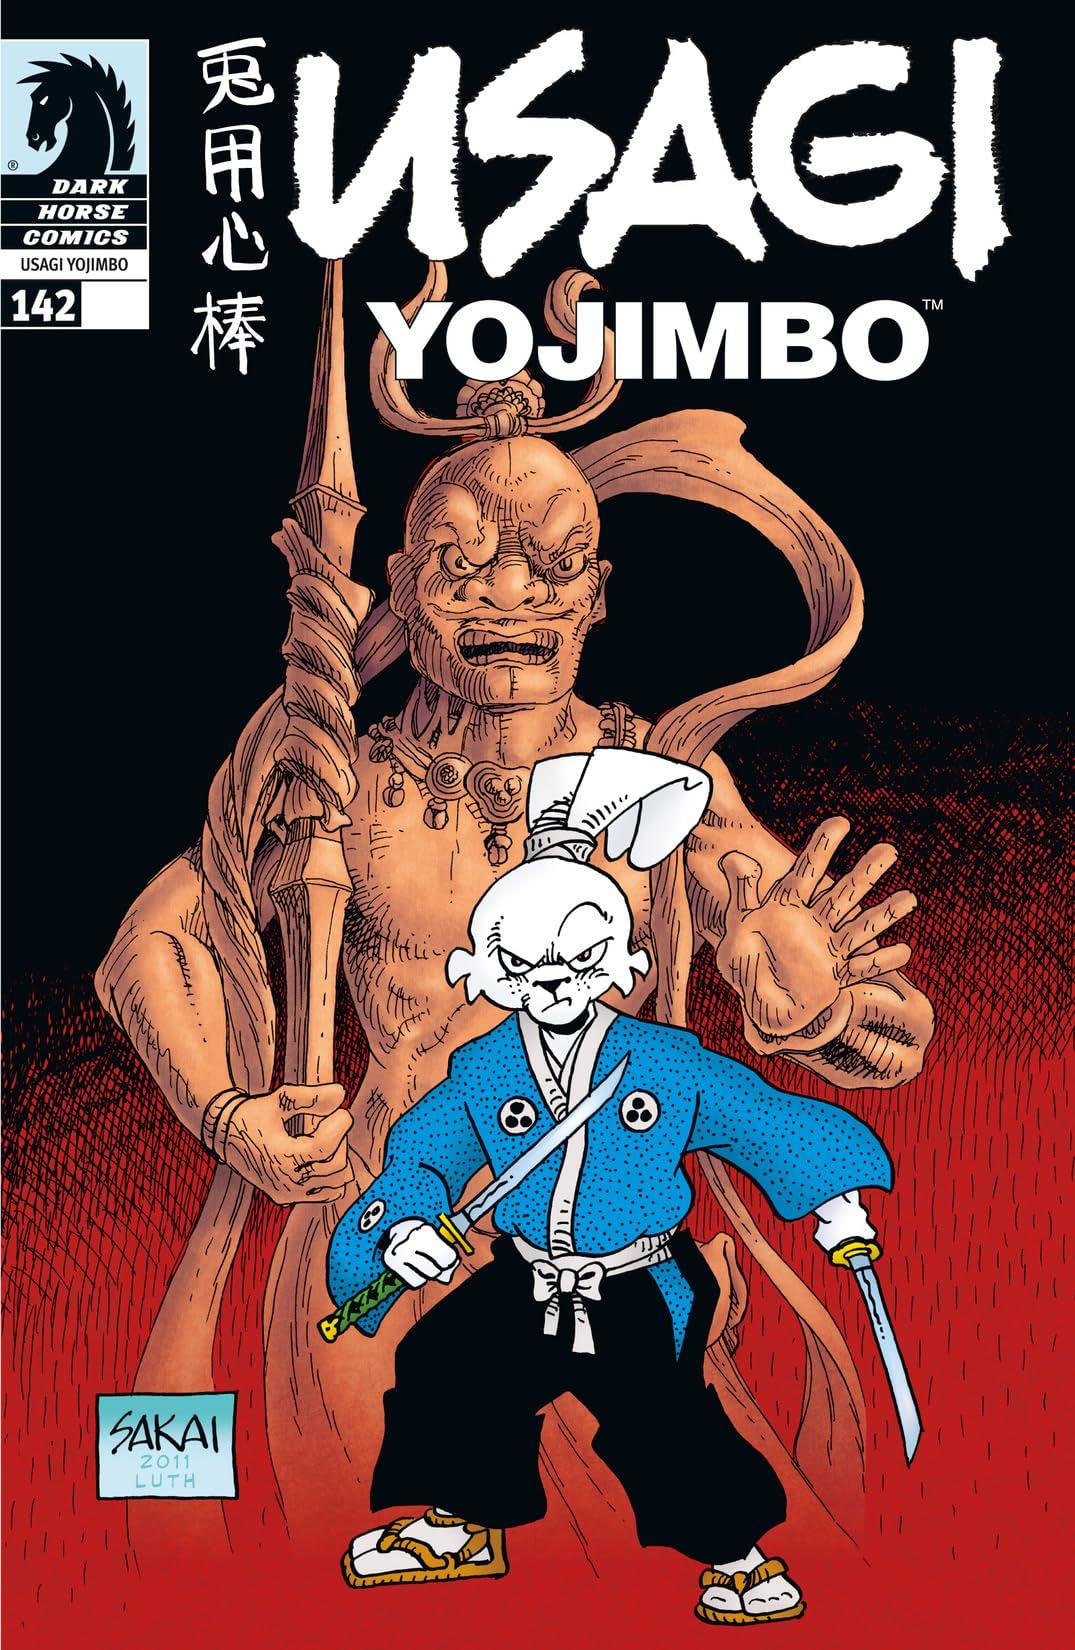 Usagi Yojimbo #142